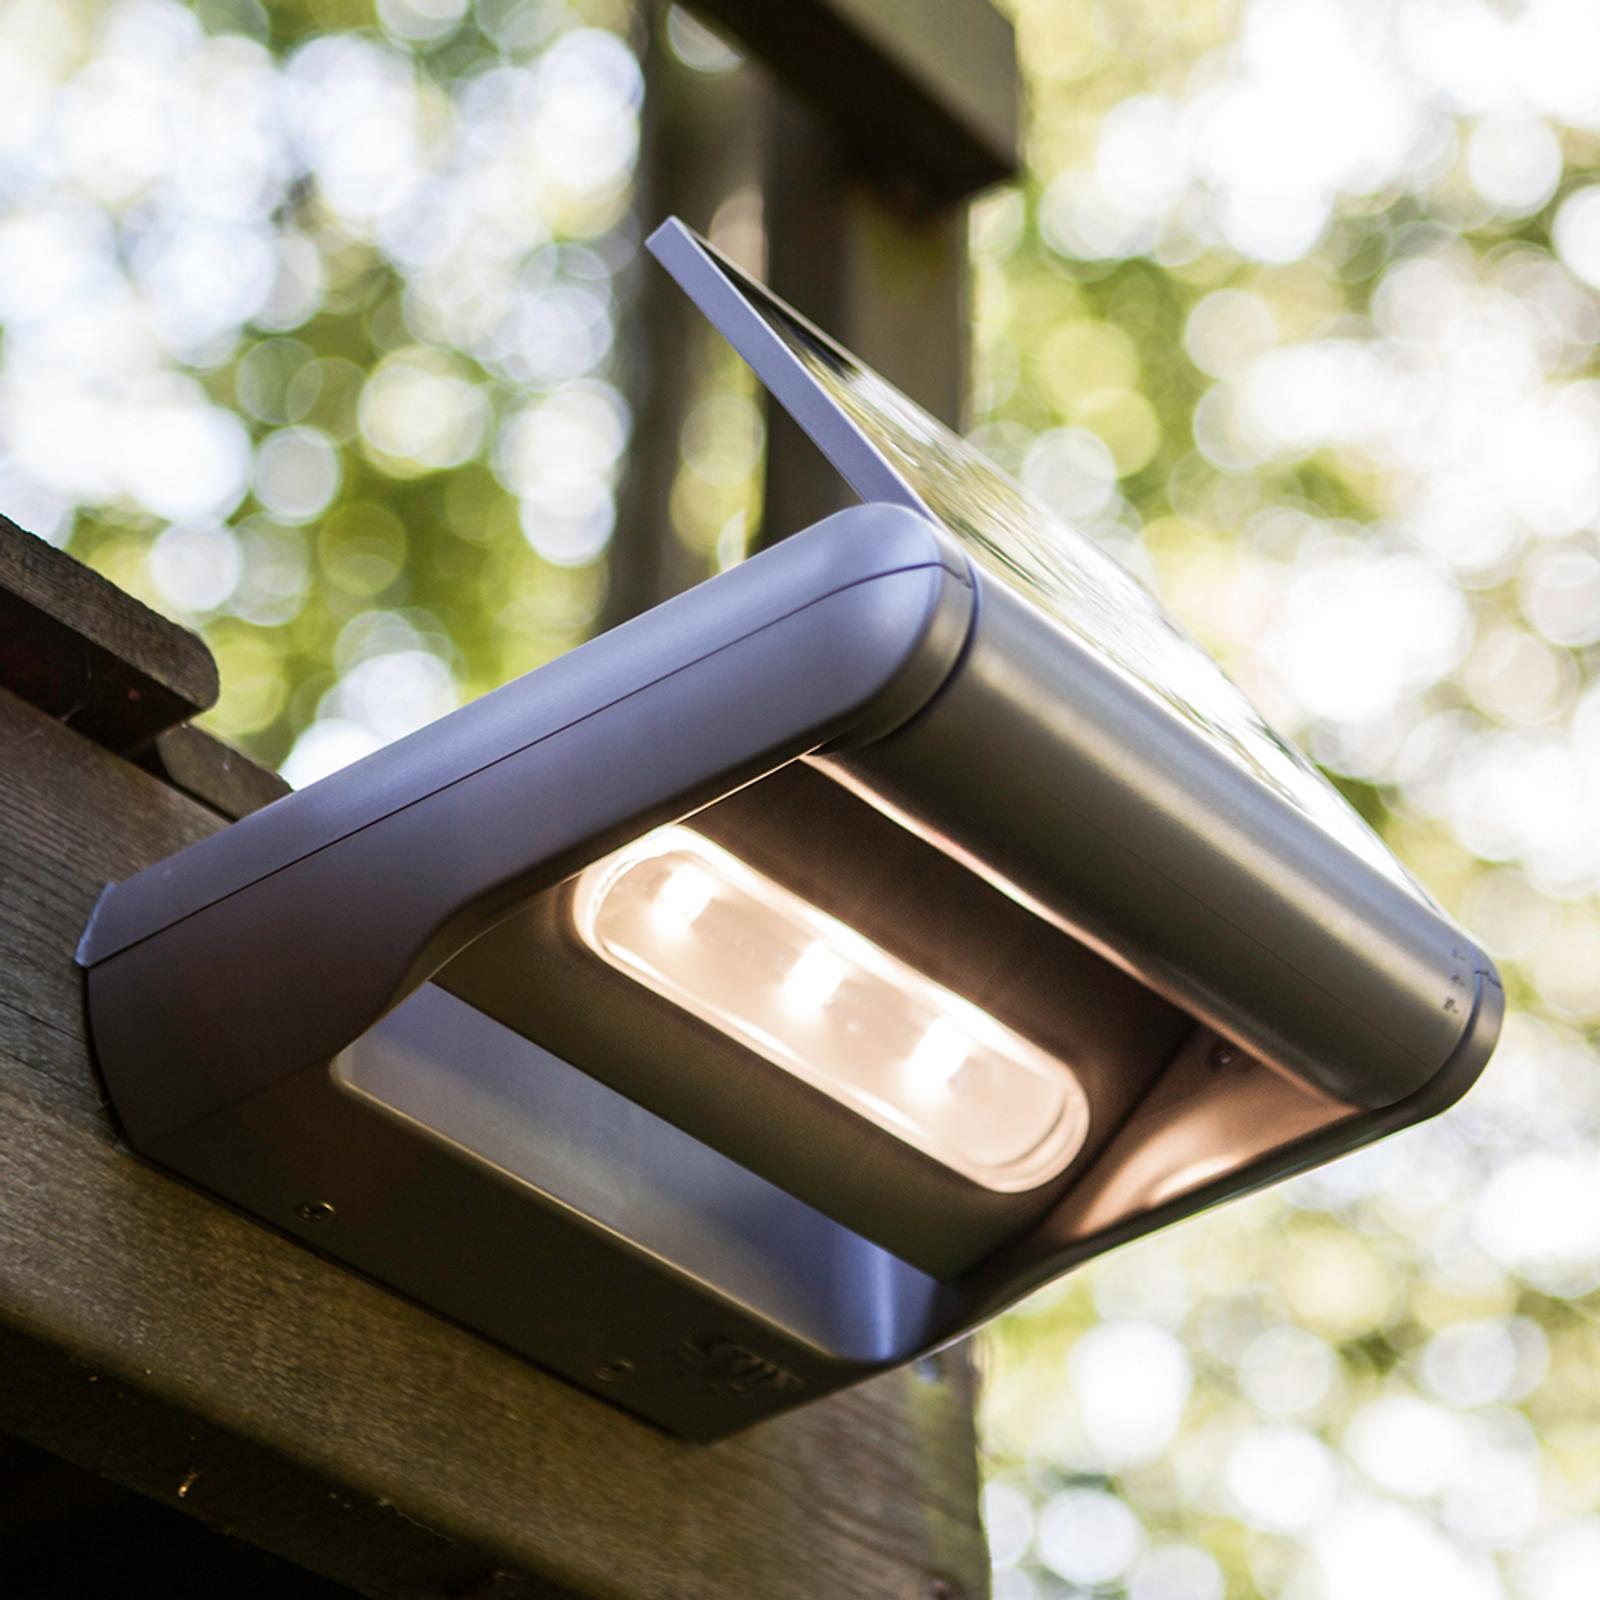 Solárne vonkajšie nástenné LED svetlo Mini LEDSpot_3006234_1